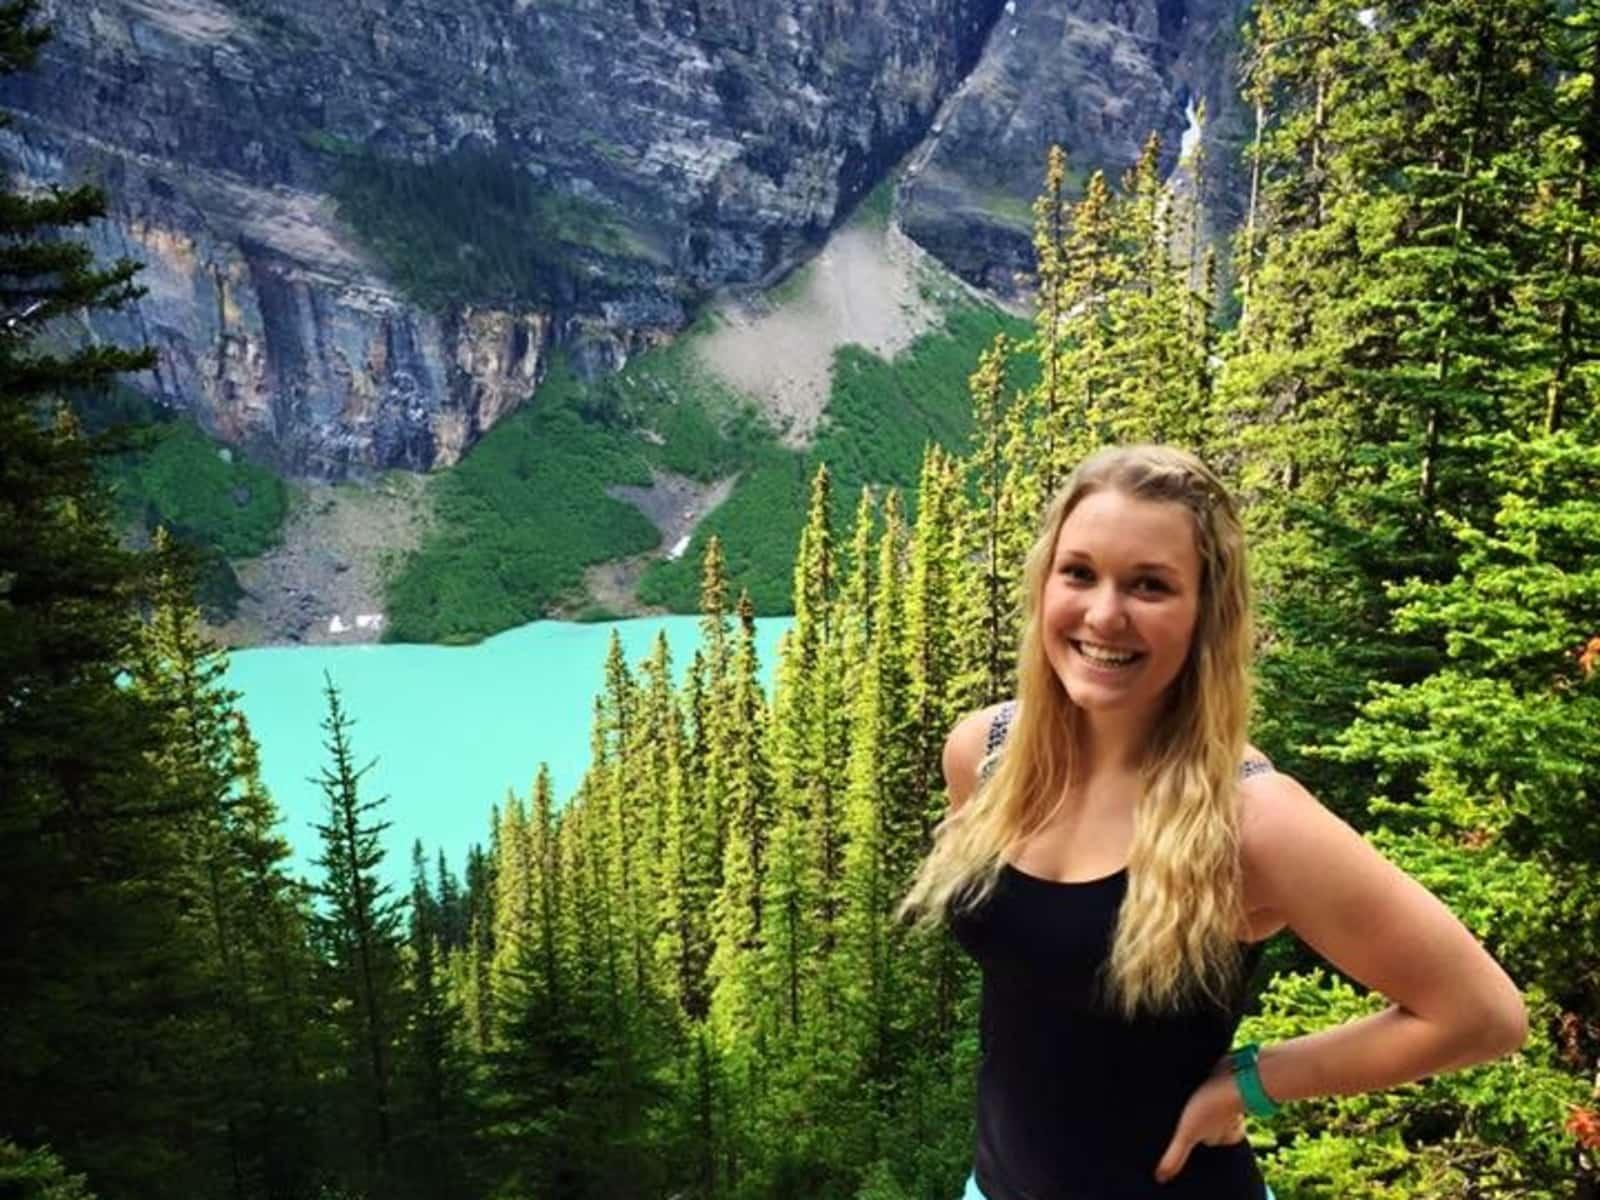 Cassandra from Calgary, Alberta, Canada